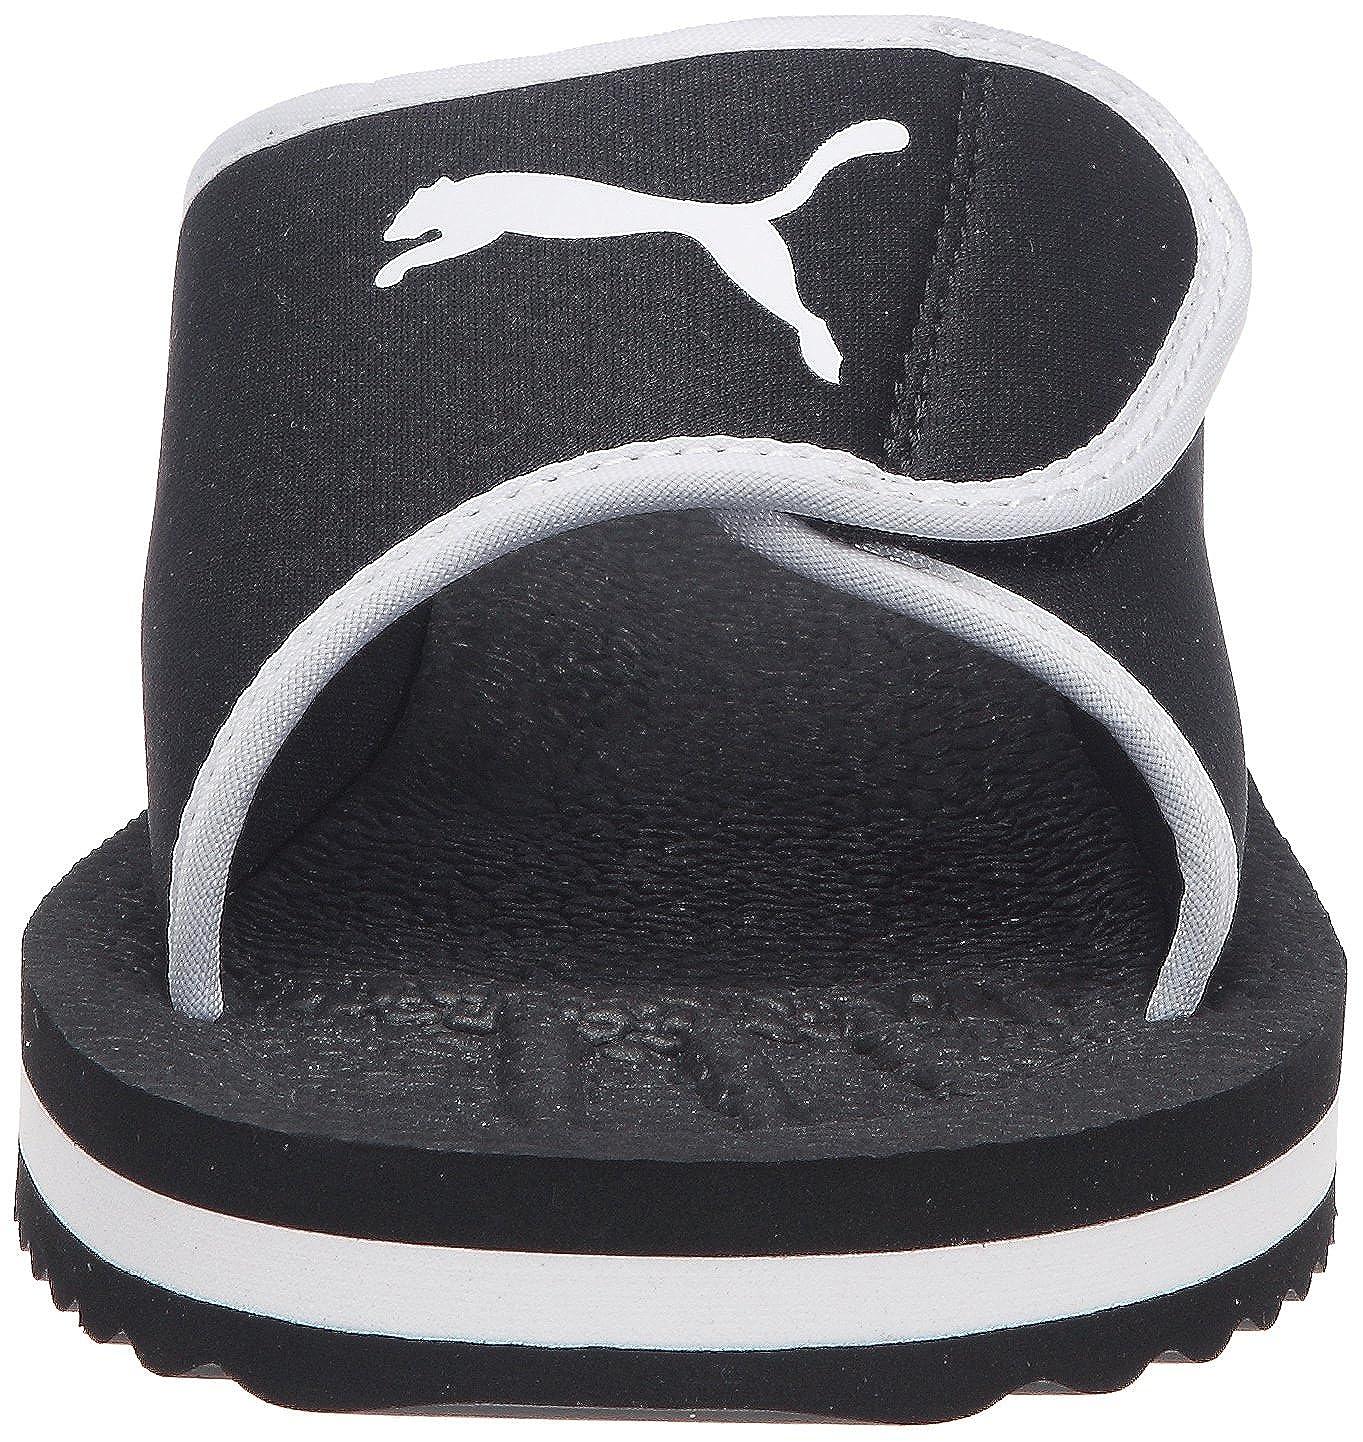 Puma Basic II V, Unisex Erwachsene Dusch & Badeschuhe